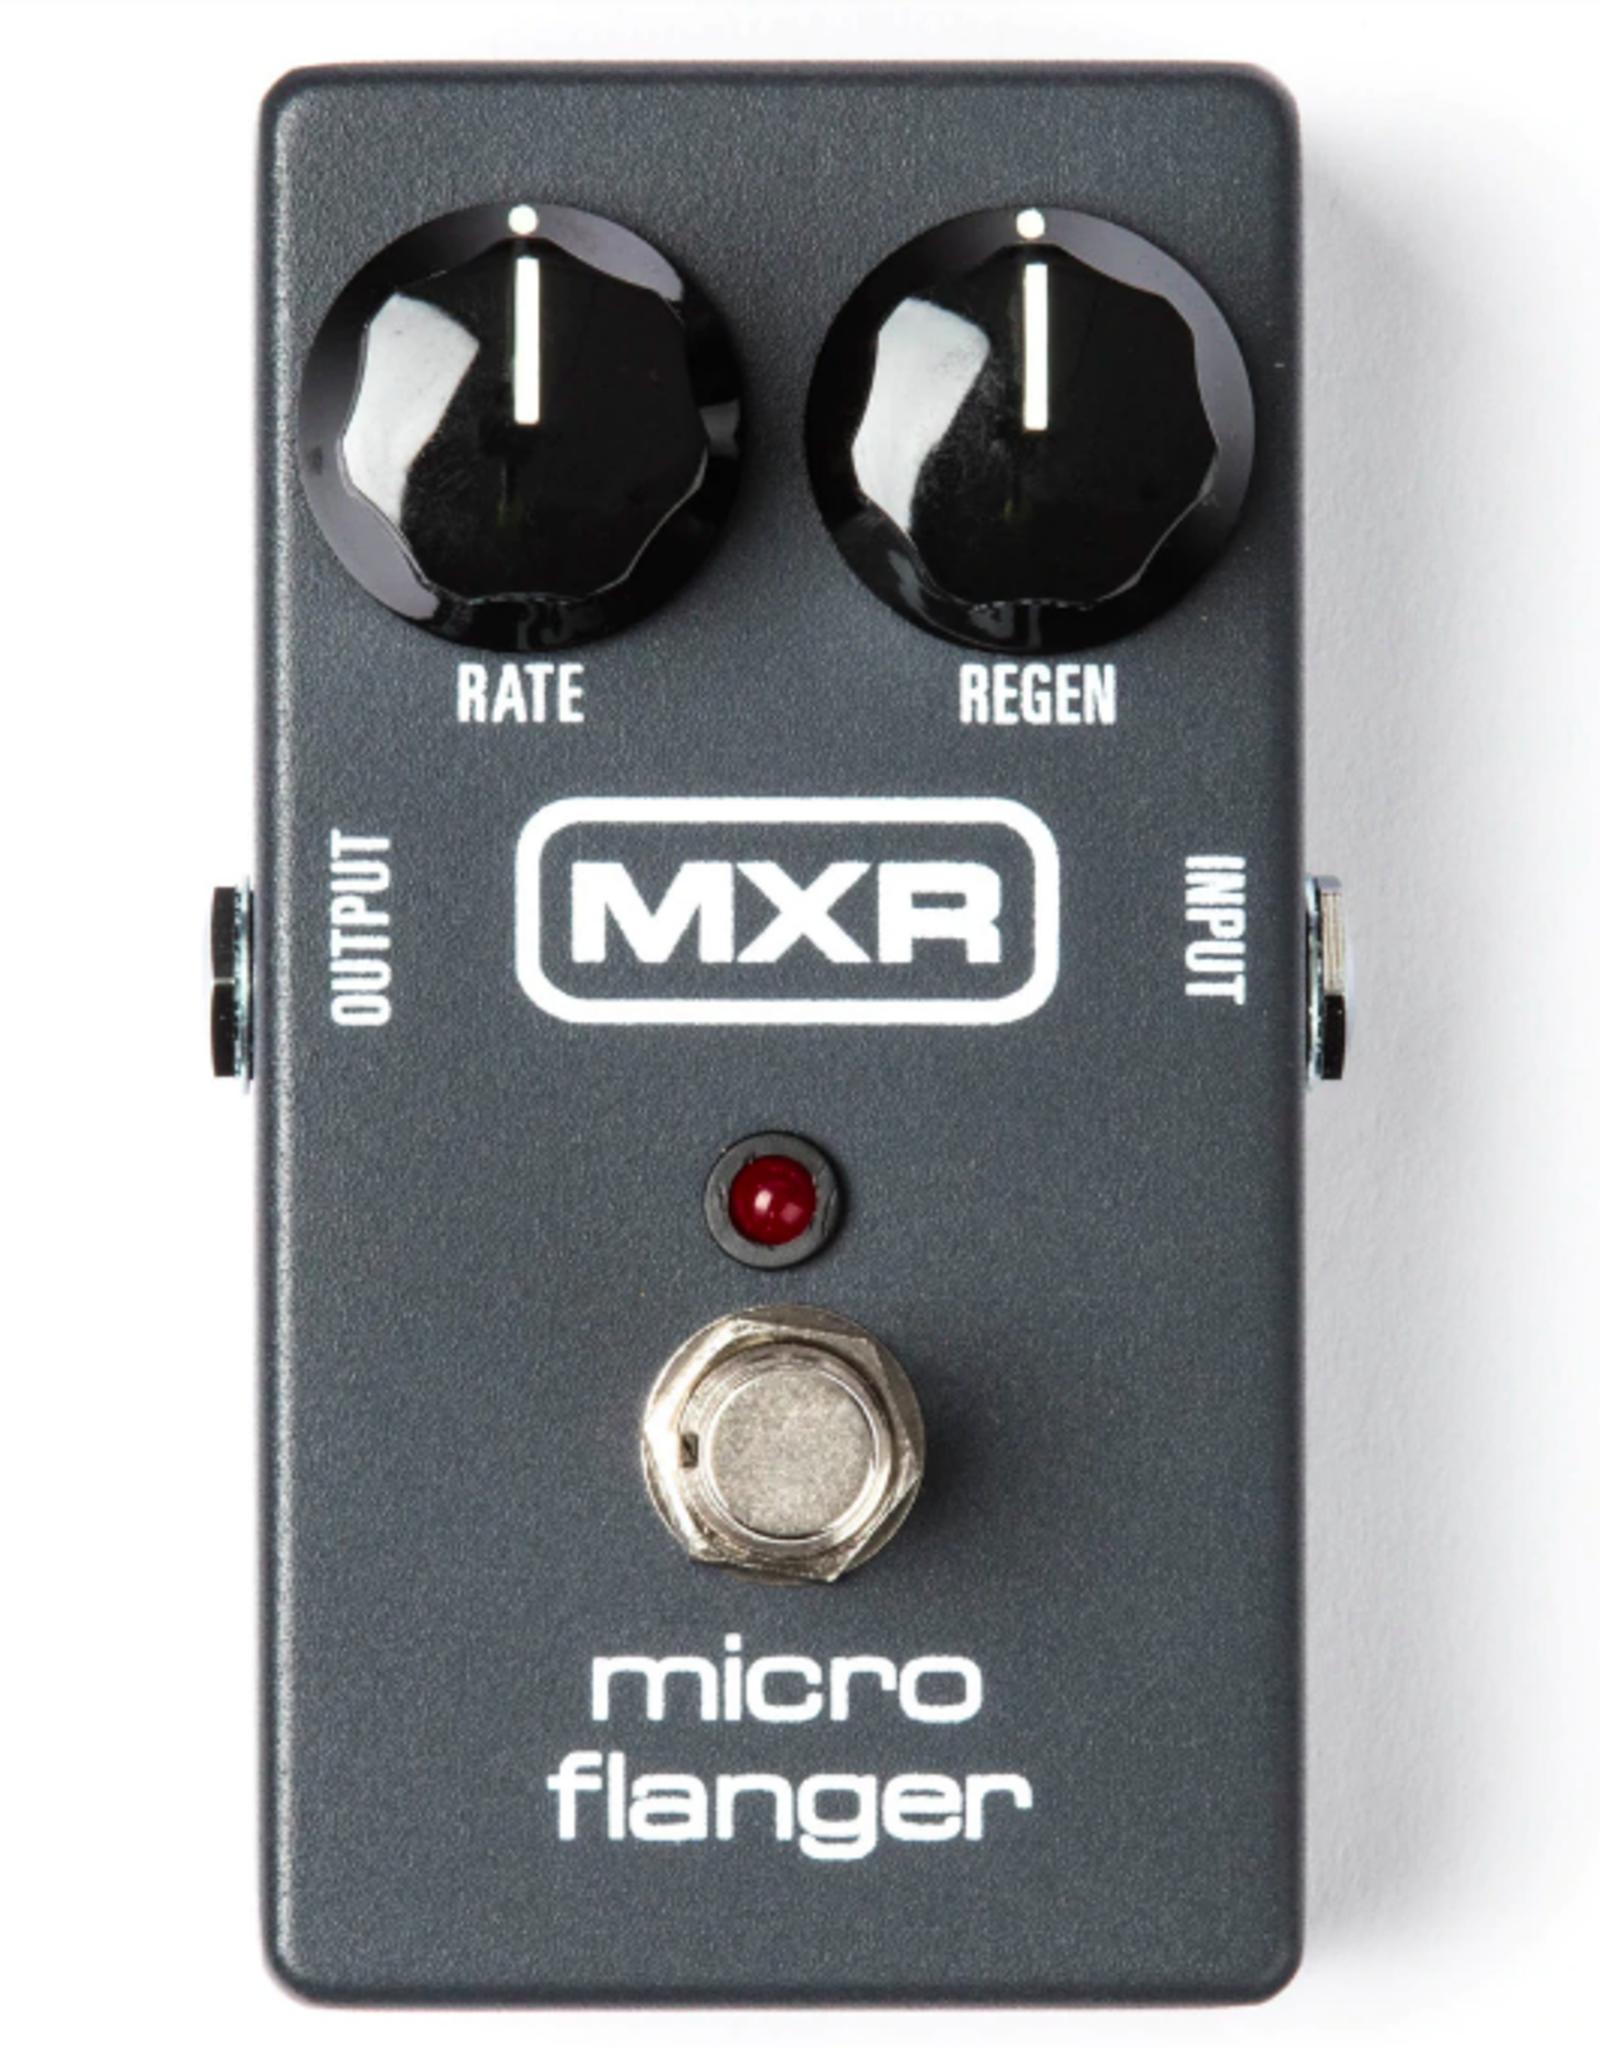 MXR MXR Micro Flanger